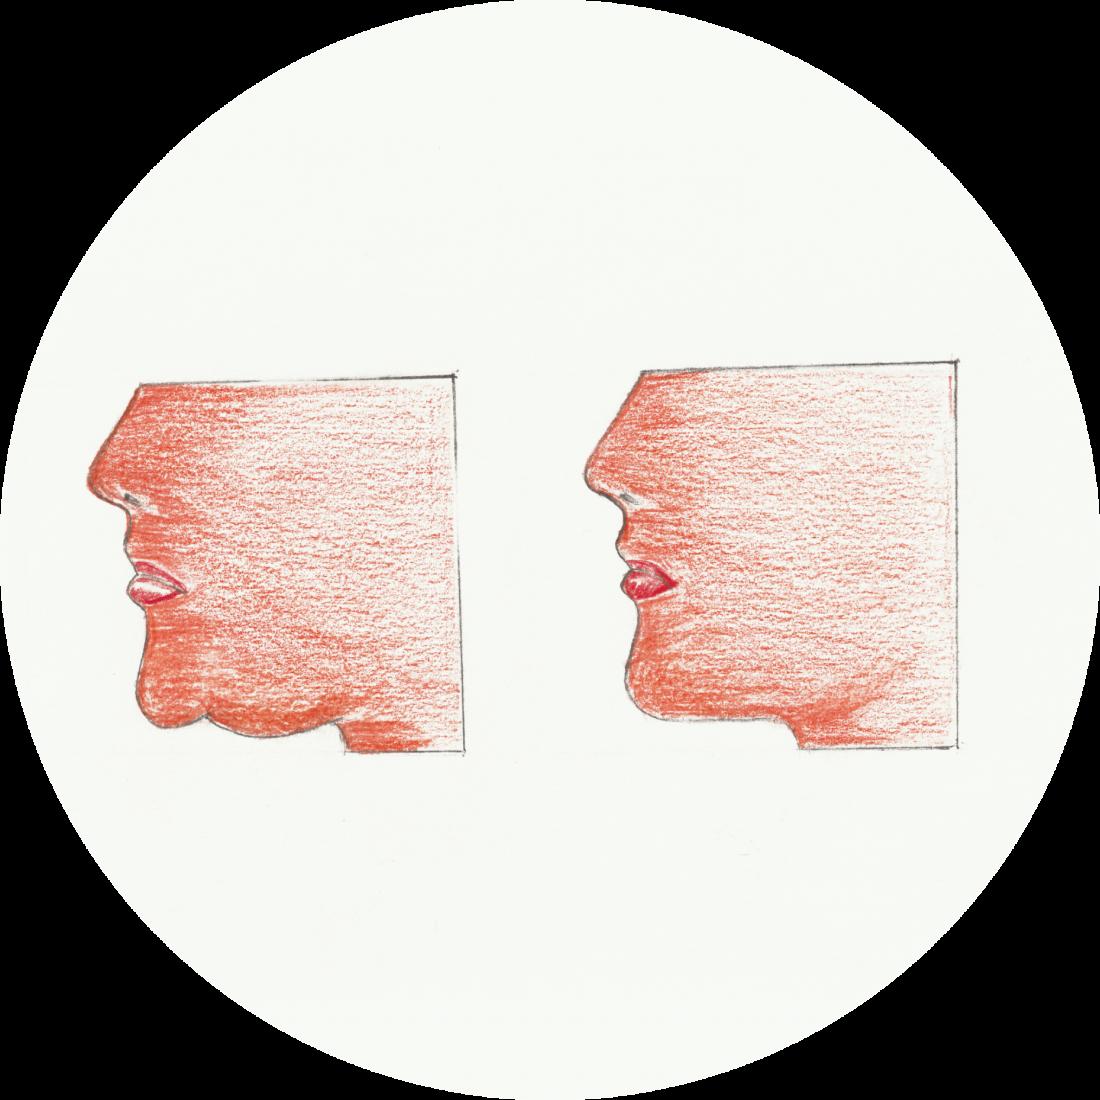 Dettagli Procedurali: Liposuzione del Doppio Mento